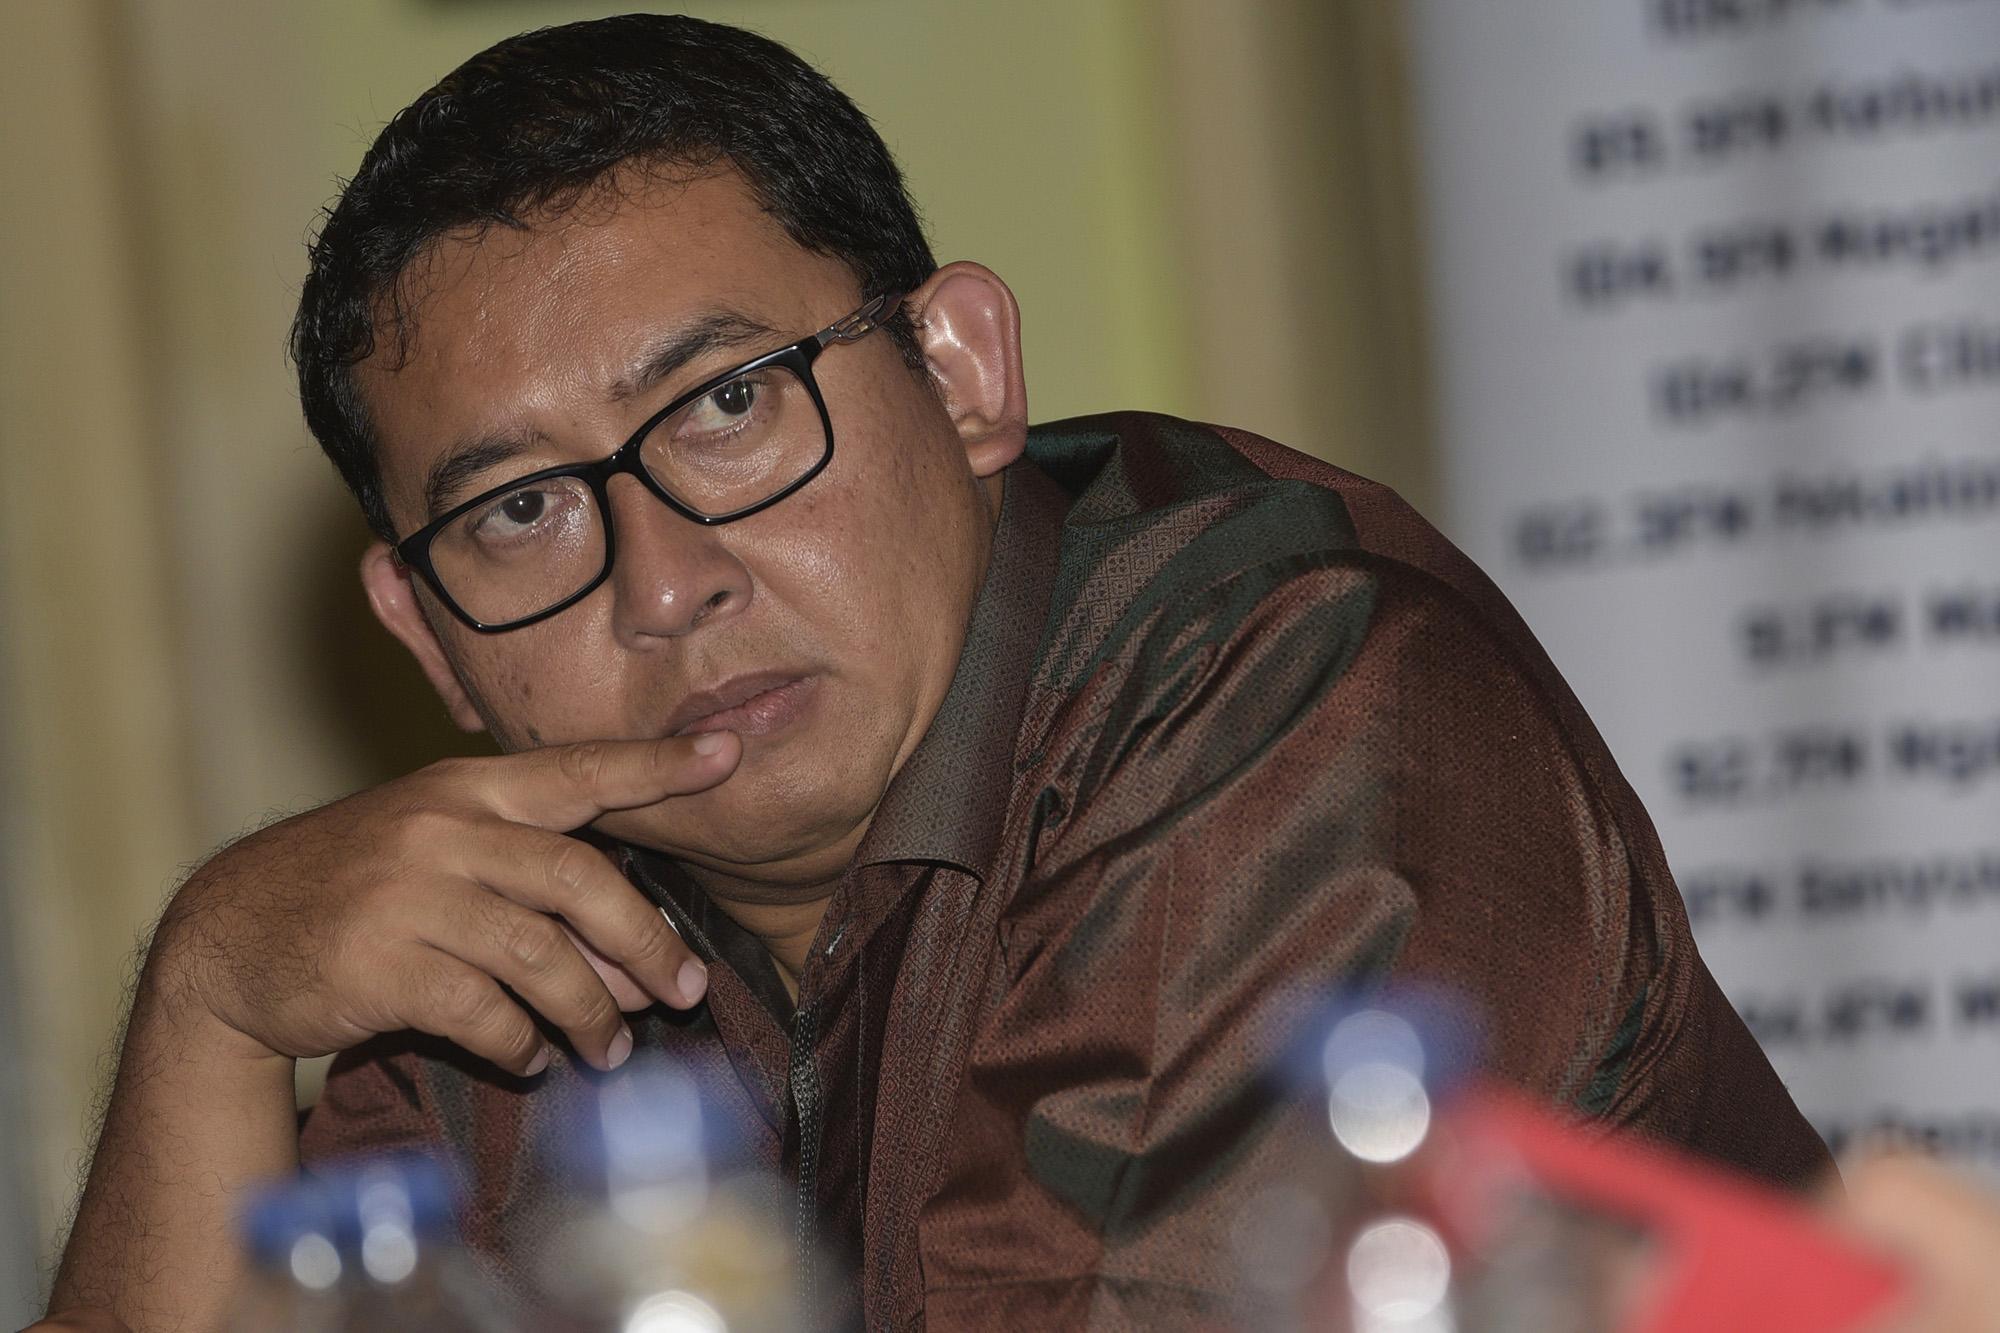 Wakil Ketua Umum Partai Gerindra Fadli Zon menjadi narasumber dalam diskusi bertajuk Reshuffle Datang Parpol Tegang di Jakarta, Sabtu (7/11). Diskusi tersebut membahas isu reshuffle jilid kedua Kabinet Kerja dan kaitannya dengan partai politik. ANTARA FOTO/Sigid Kurniawan/nz/15.